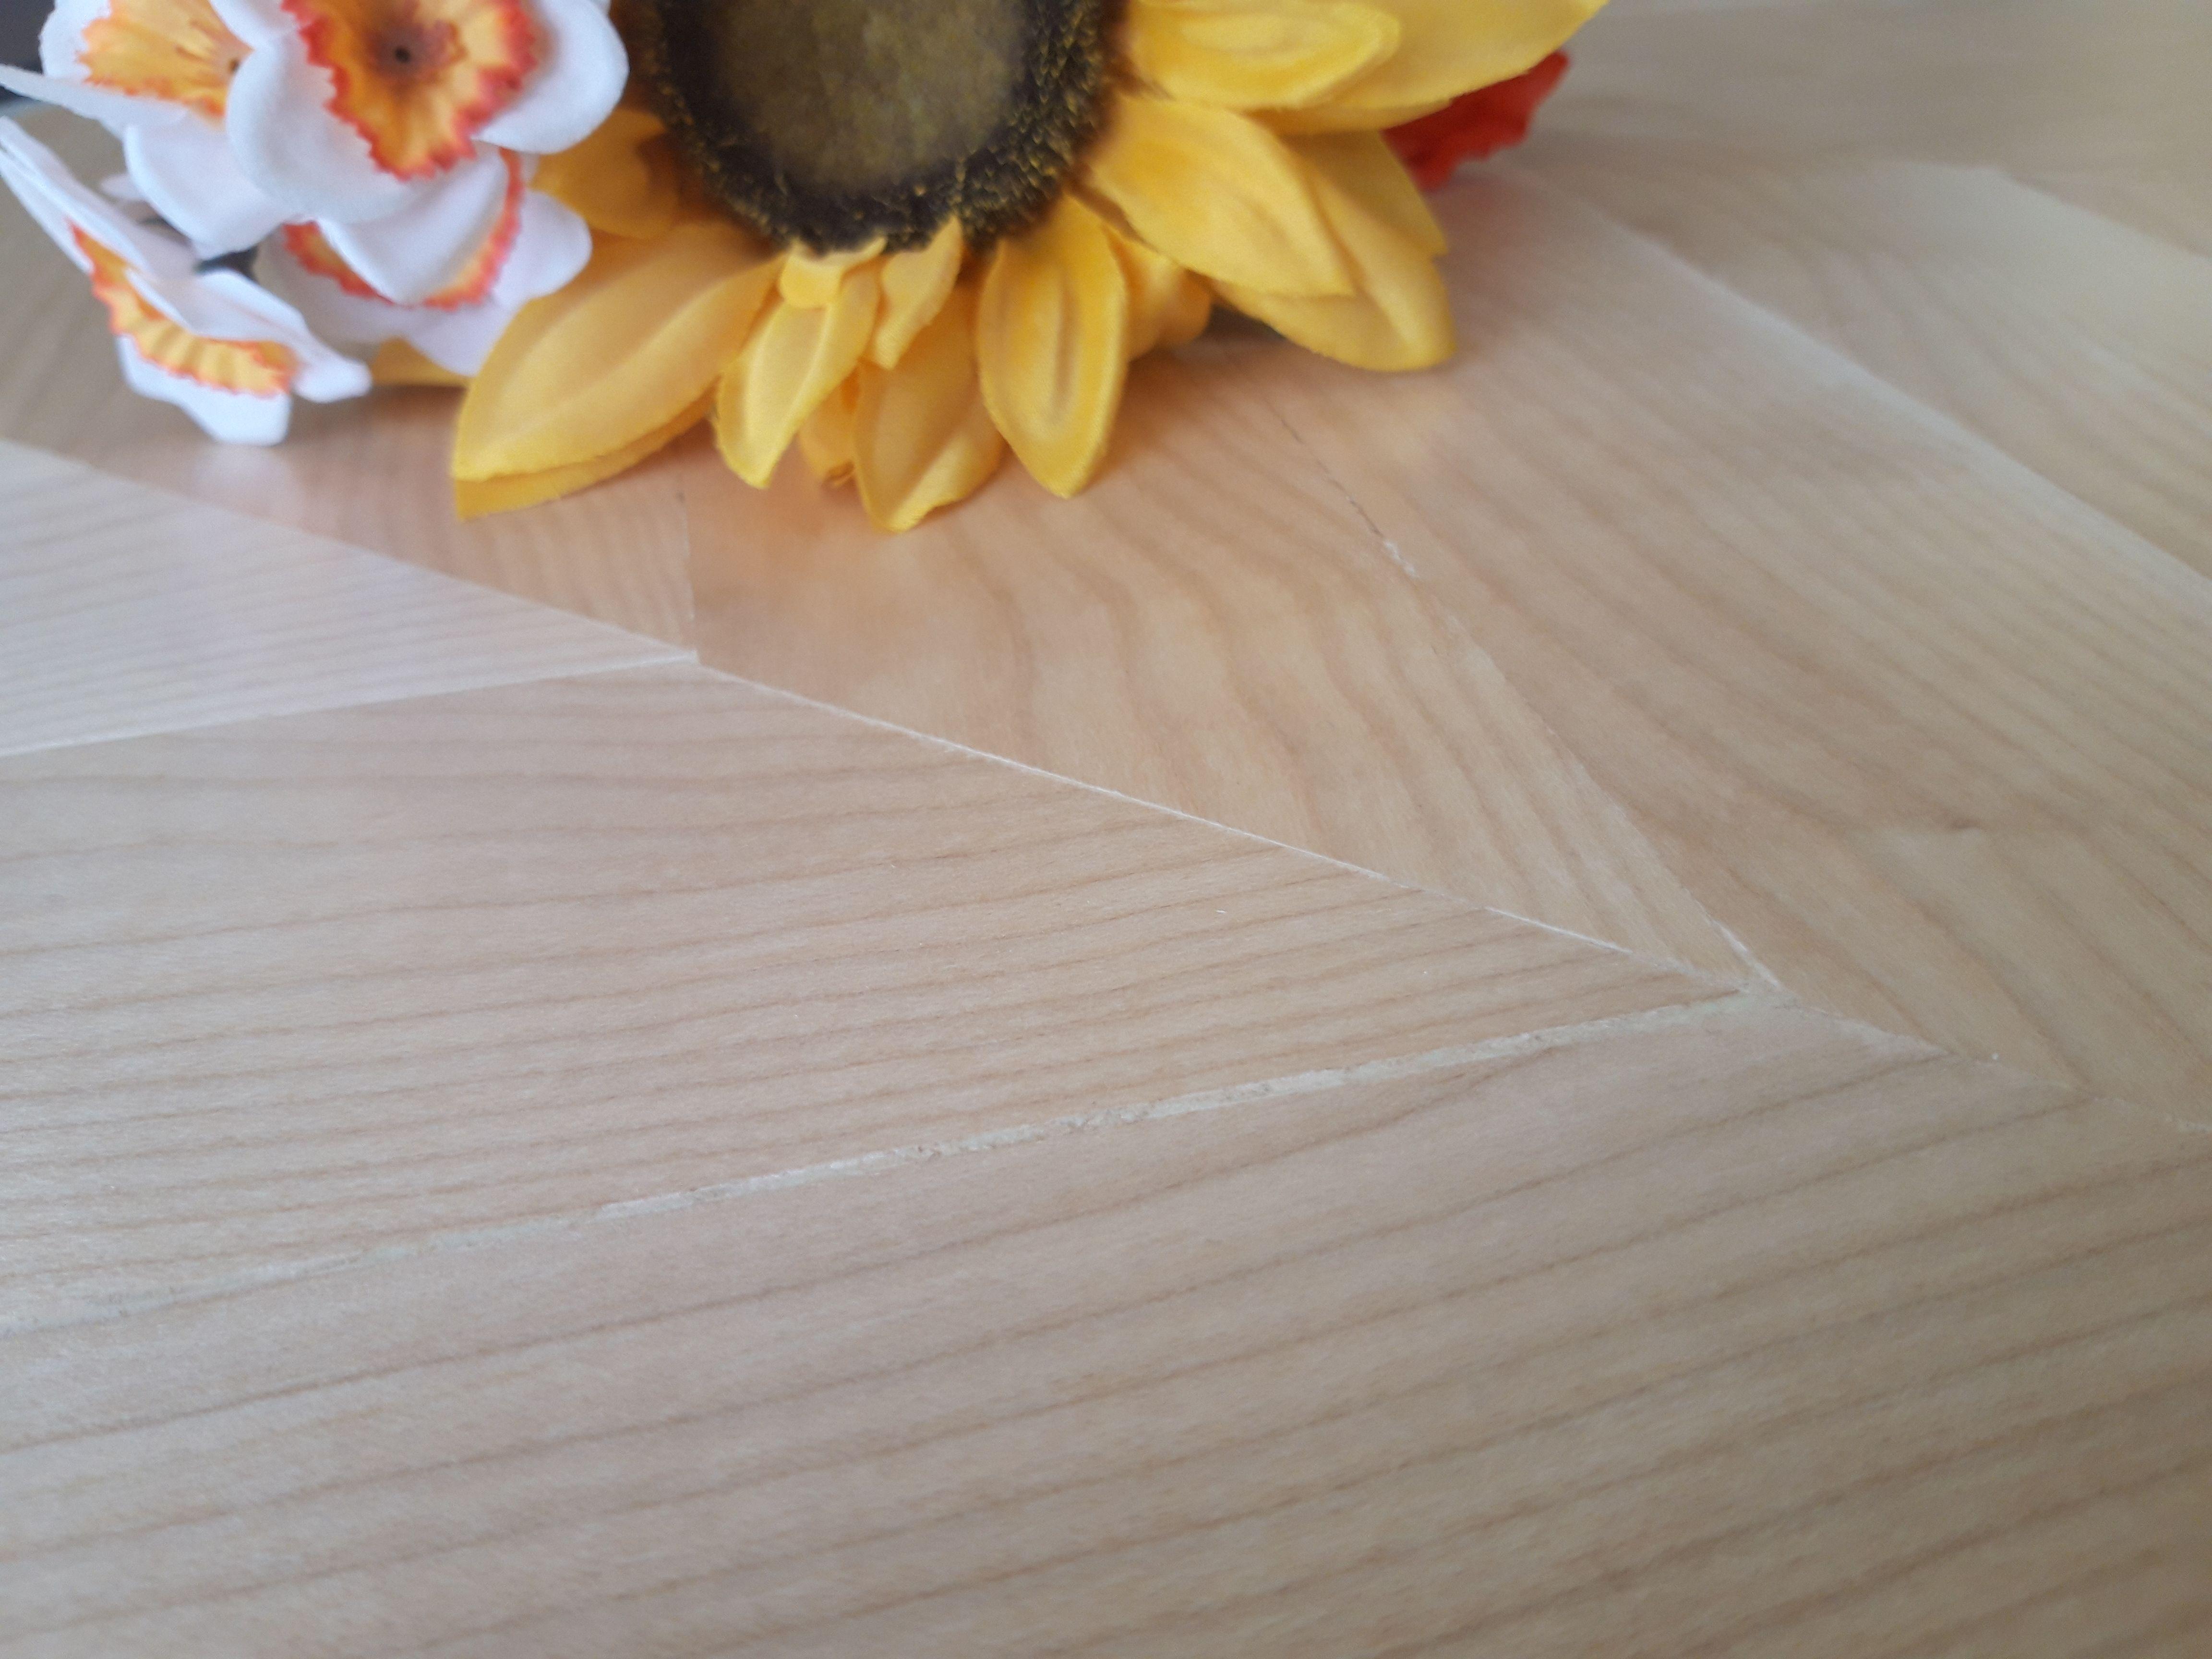 Parquet Sottile Sopra Pavimento la posa a spina di pesce per lamelle in legno chiaro per uno